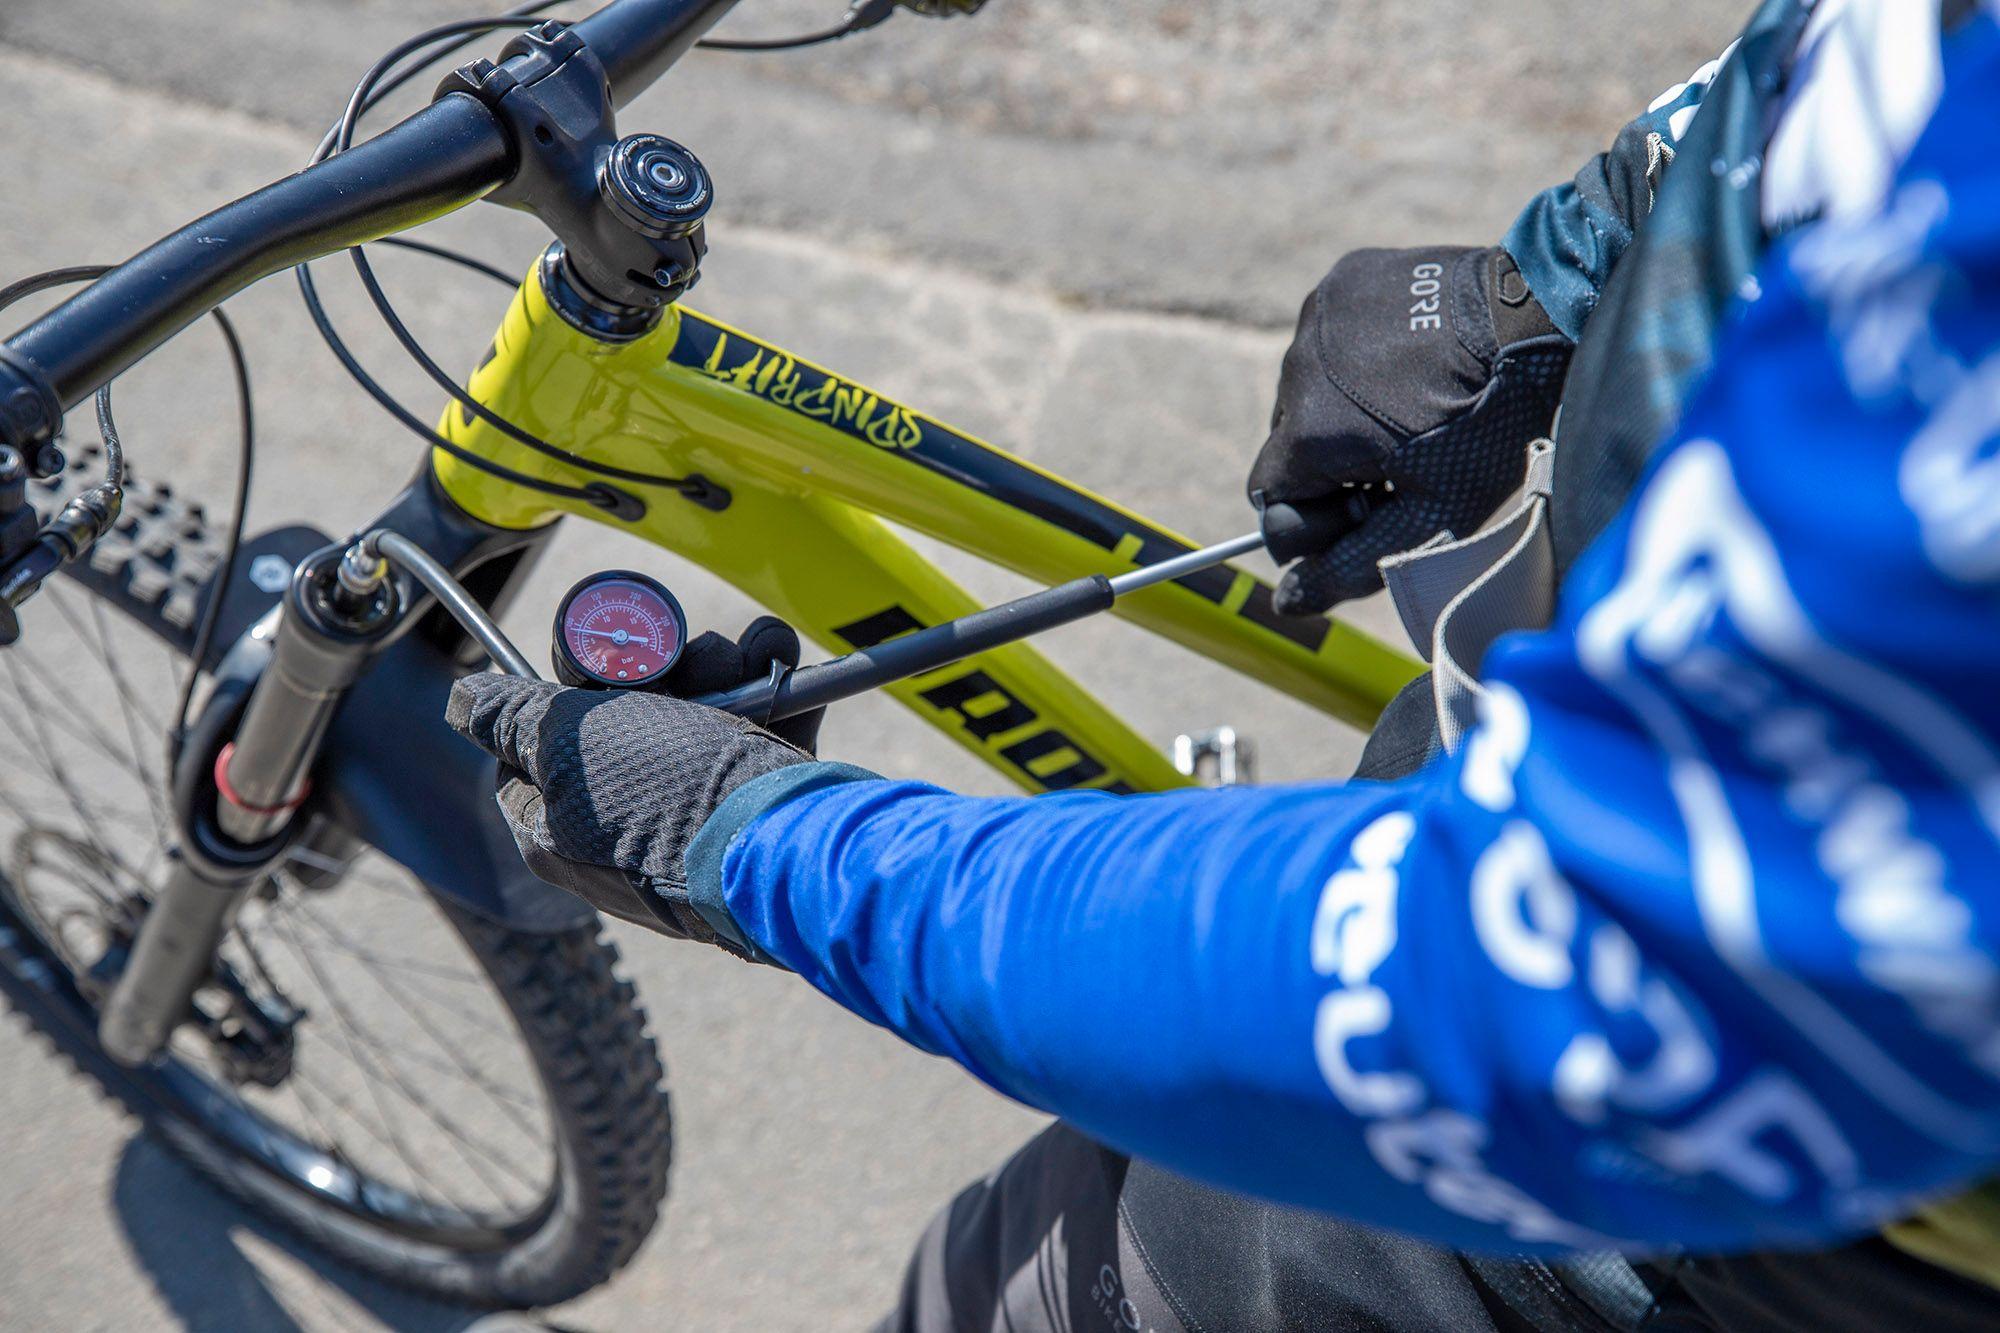 MTB Fahrtechnik Kurs Fortgeschrittene in Moers - Mountainbike Fortgeschritten - Rock my Trail Bikeschule - 11